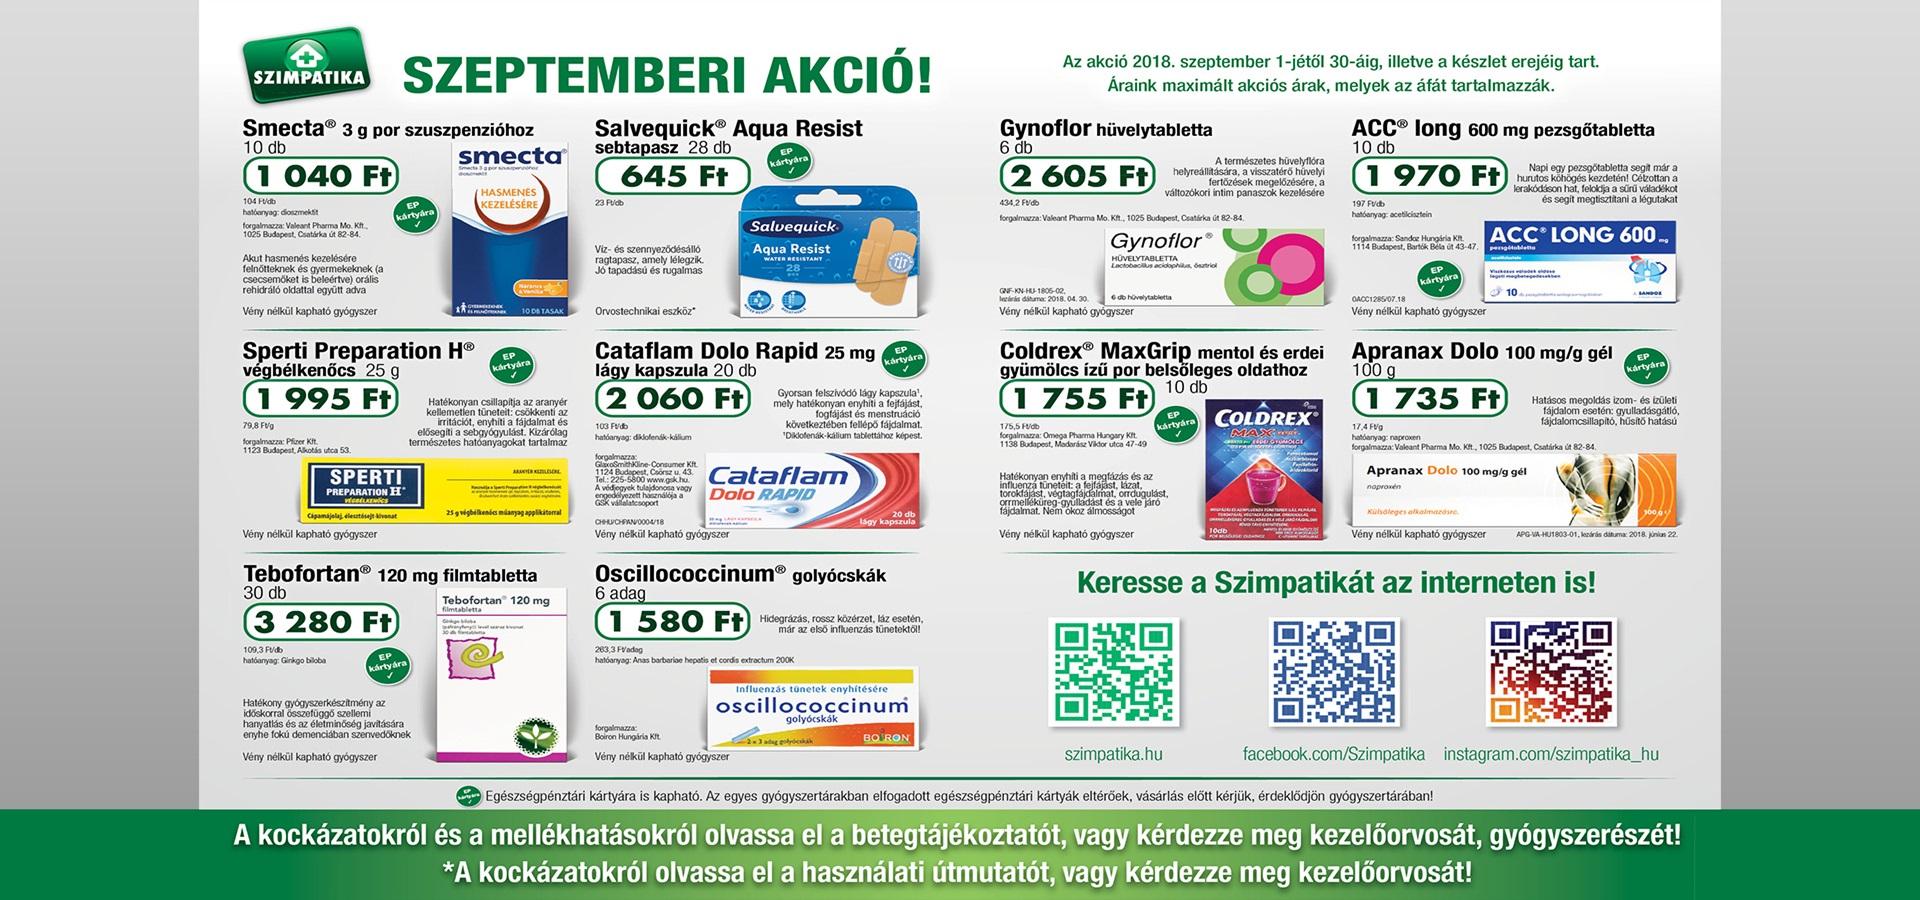 Indóház gyógyszertár - Szimpatika akció 2 - szeptember